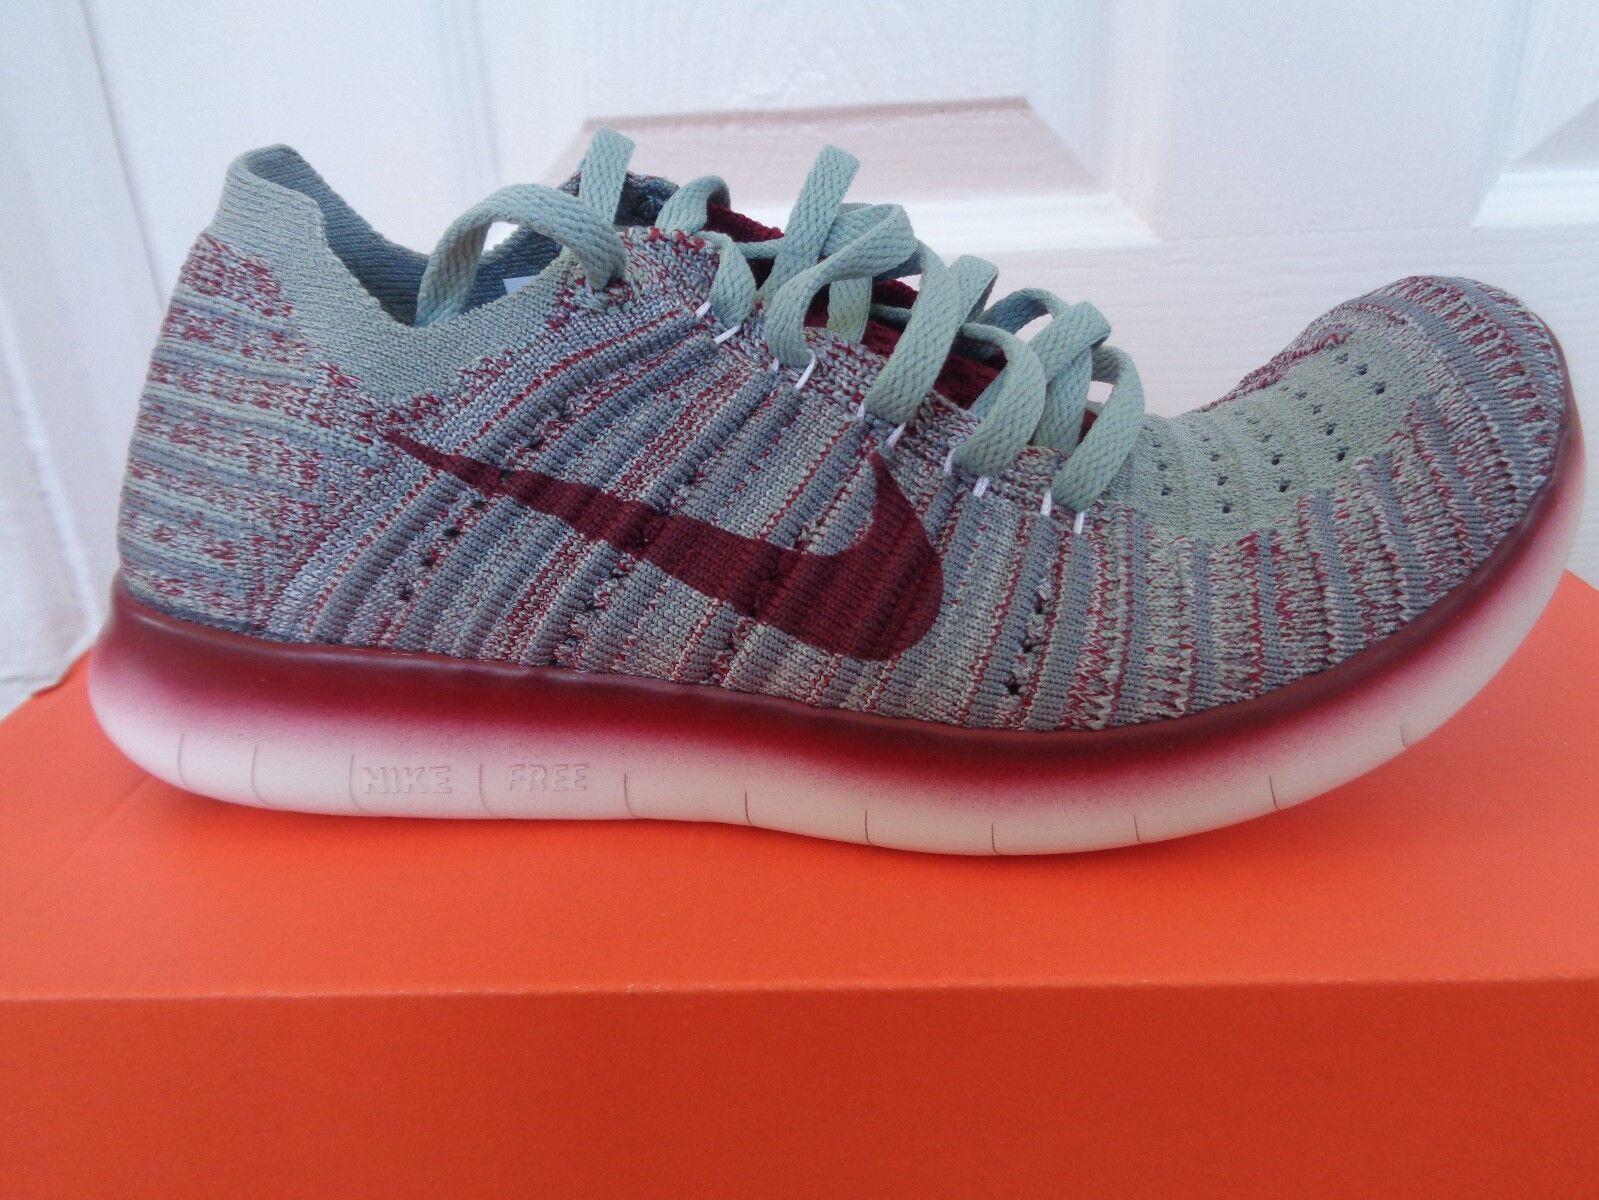 Nike Free Flyknit GYAKUSOU Wmns Zapatillas rn 844101 006 nos 5.5 Nuevo + Caja